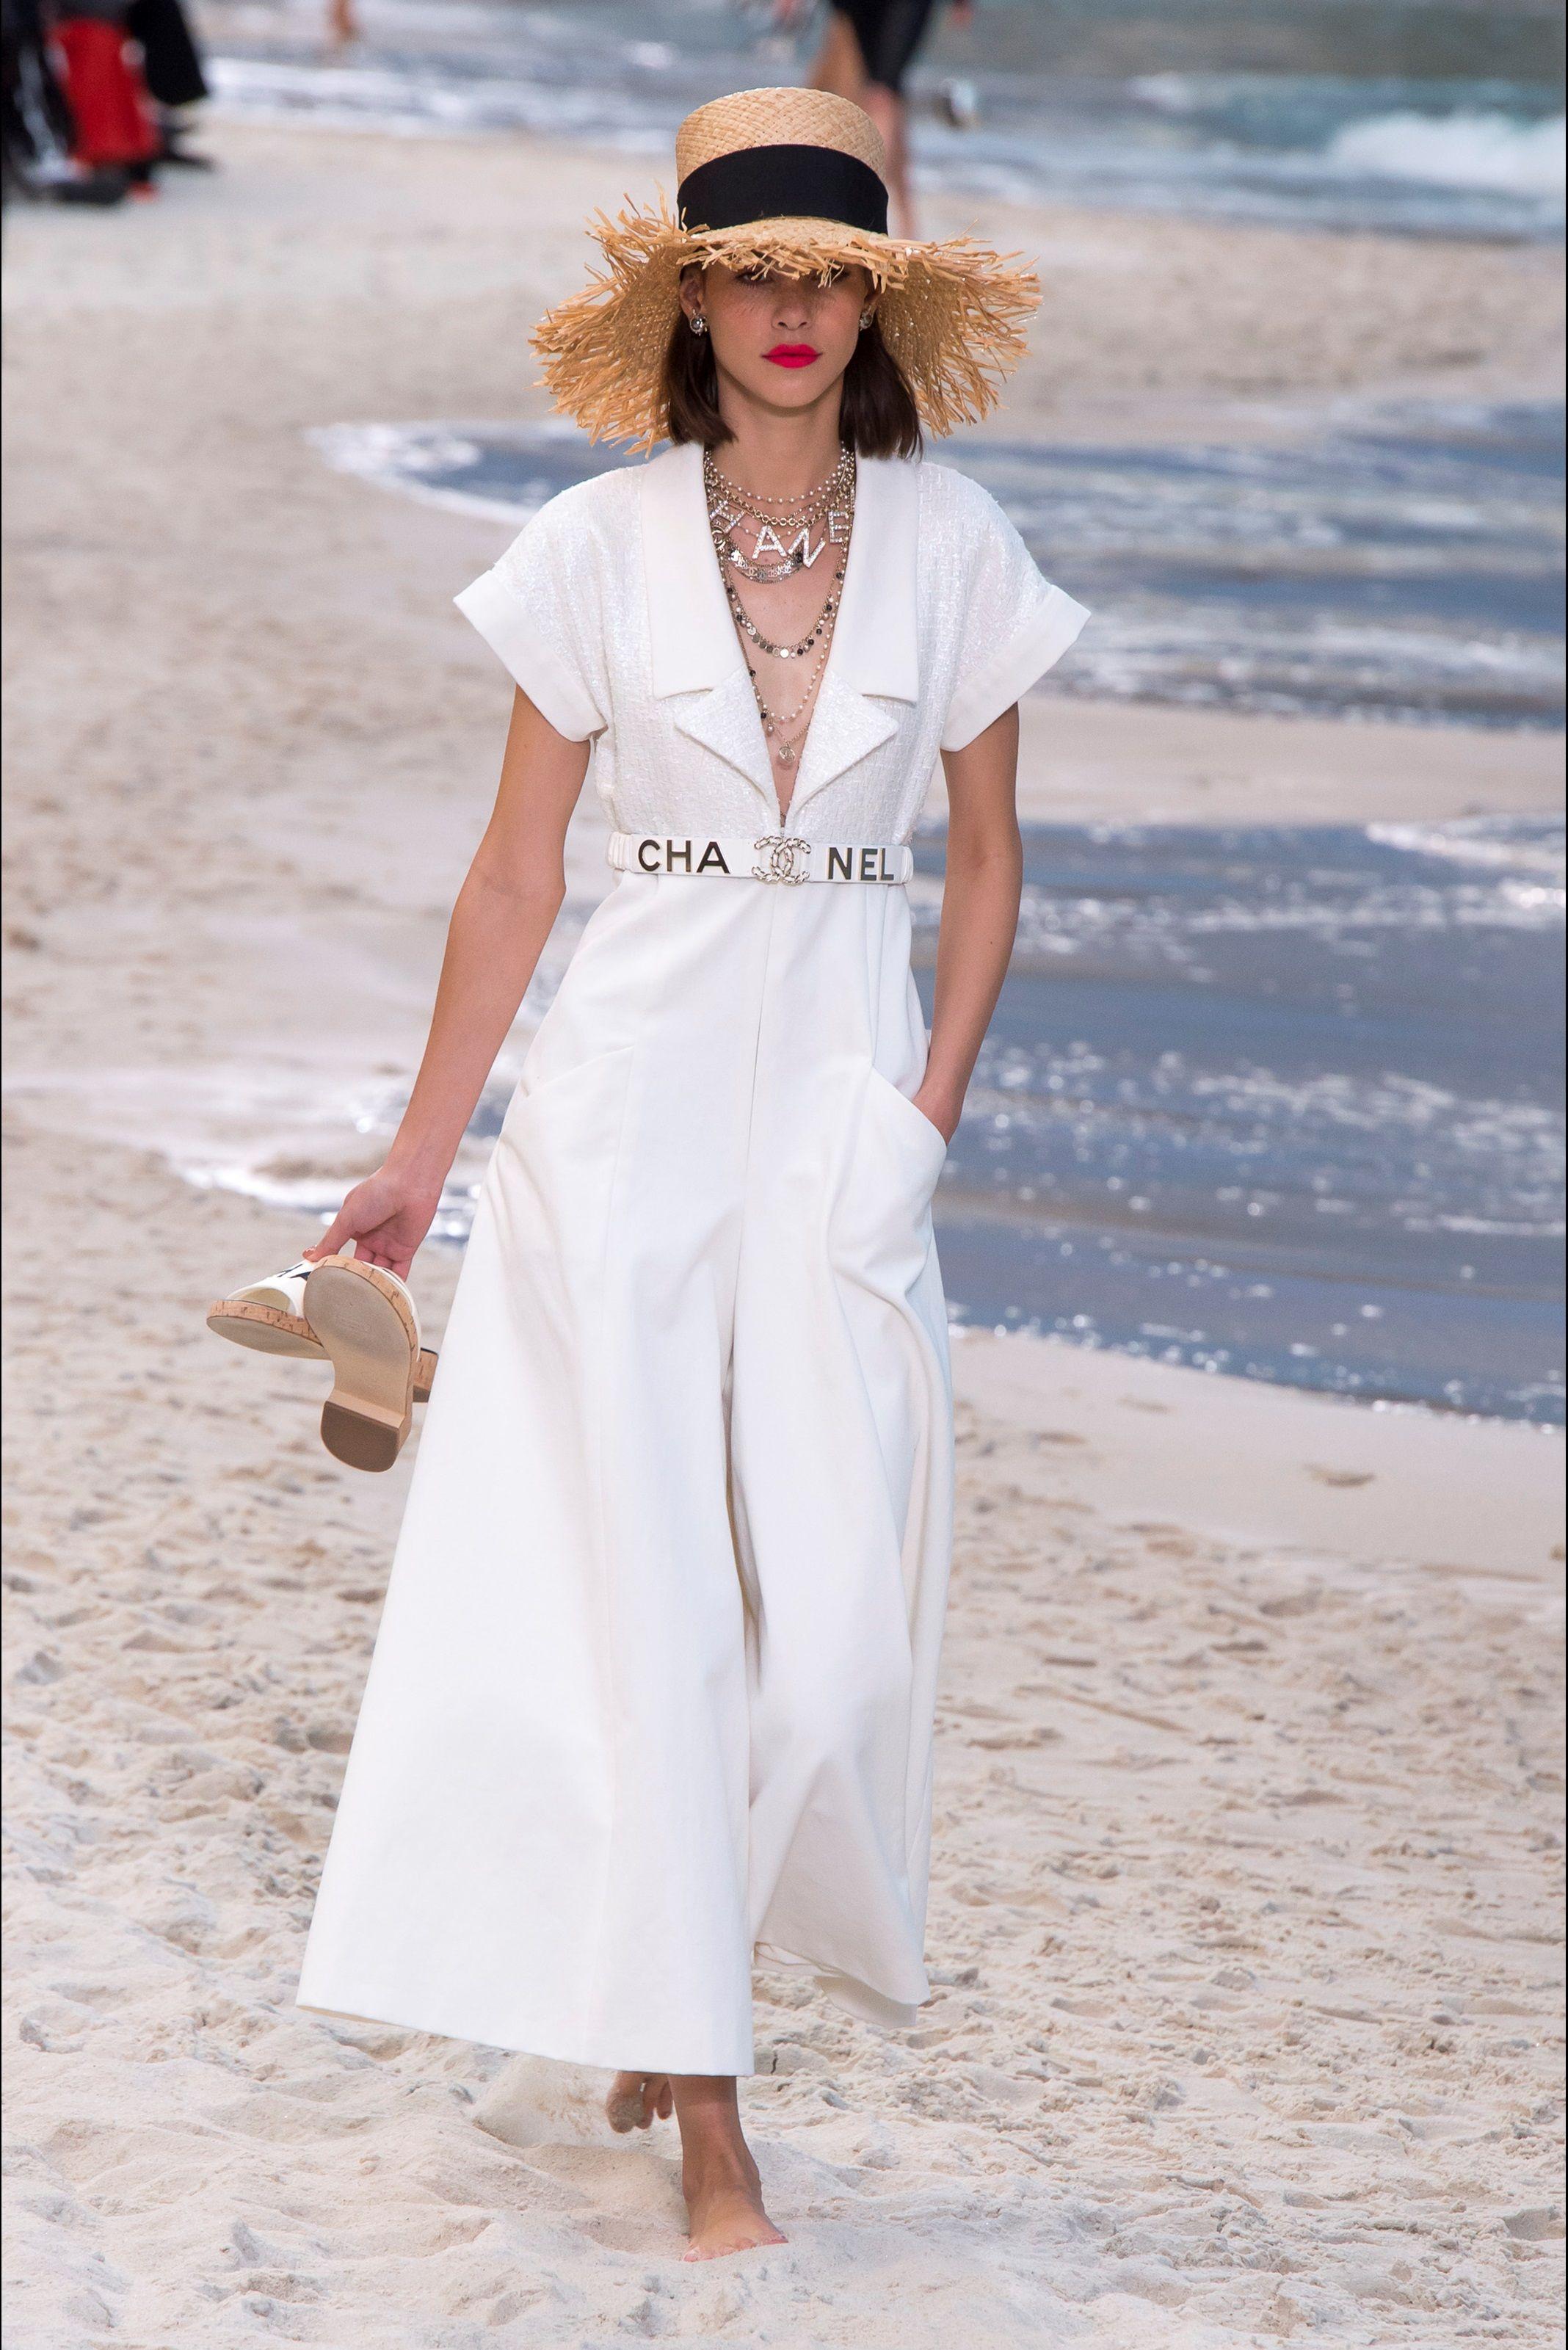 d0b6cfeb4f56 Sfilata Chanel Parigi - Collezioni Primavera Estate 2019 - Vogue ...